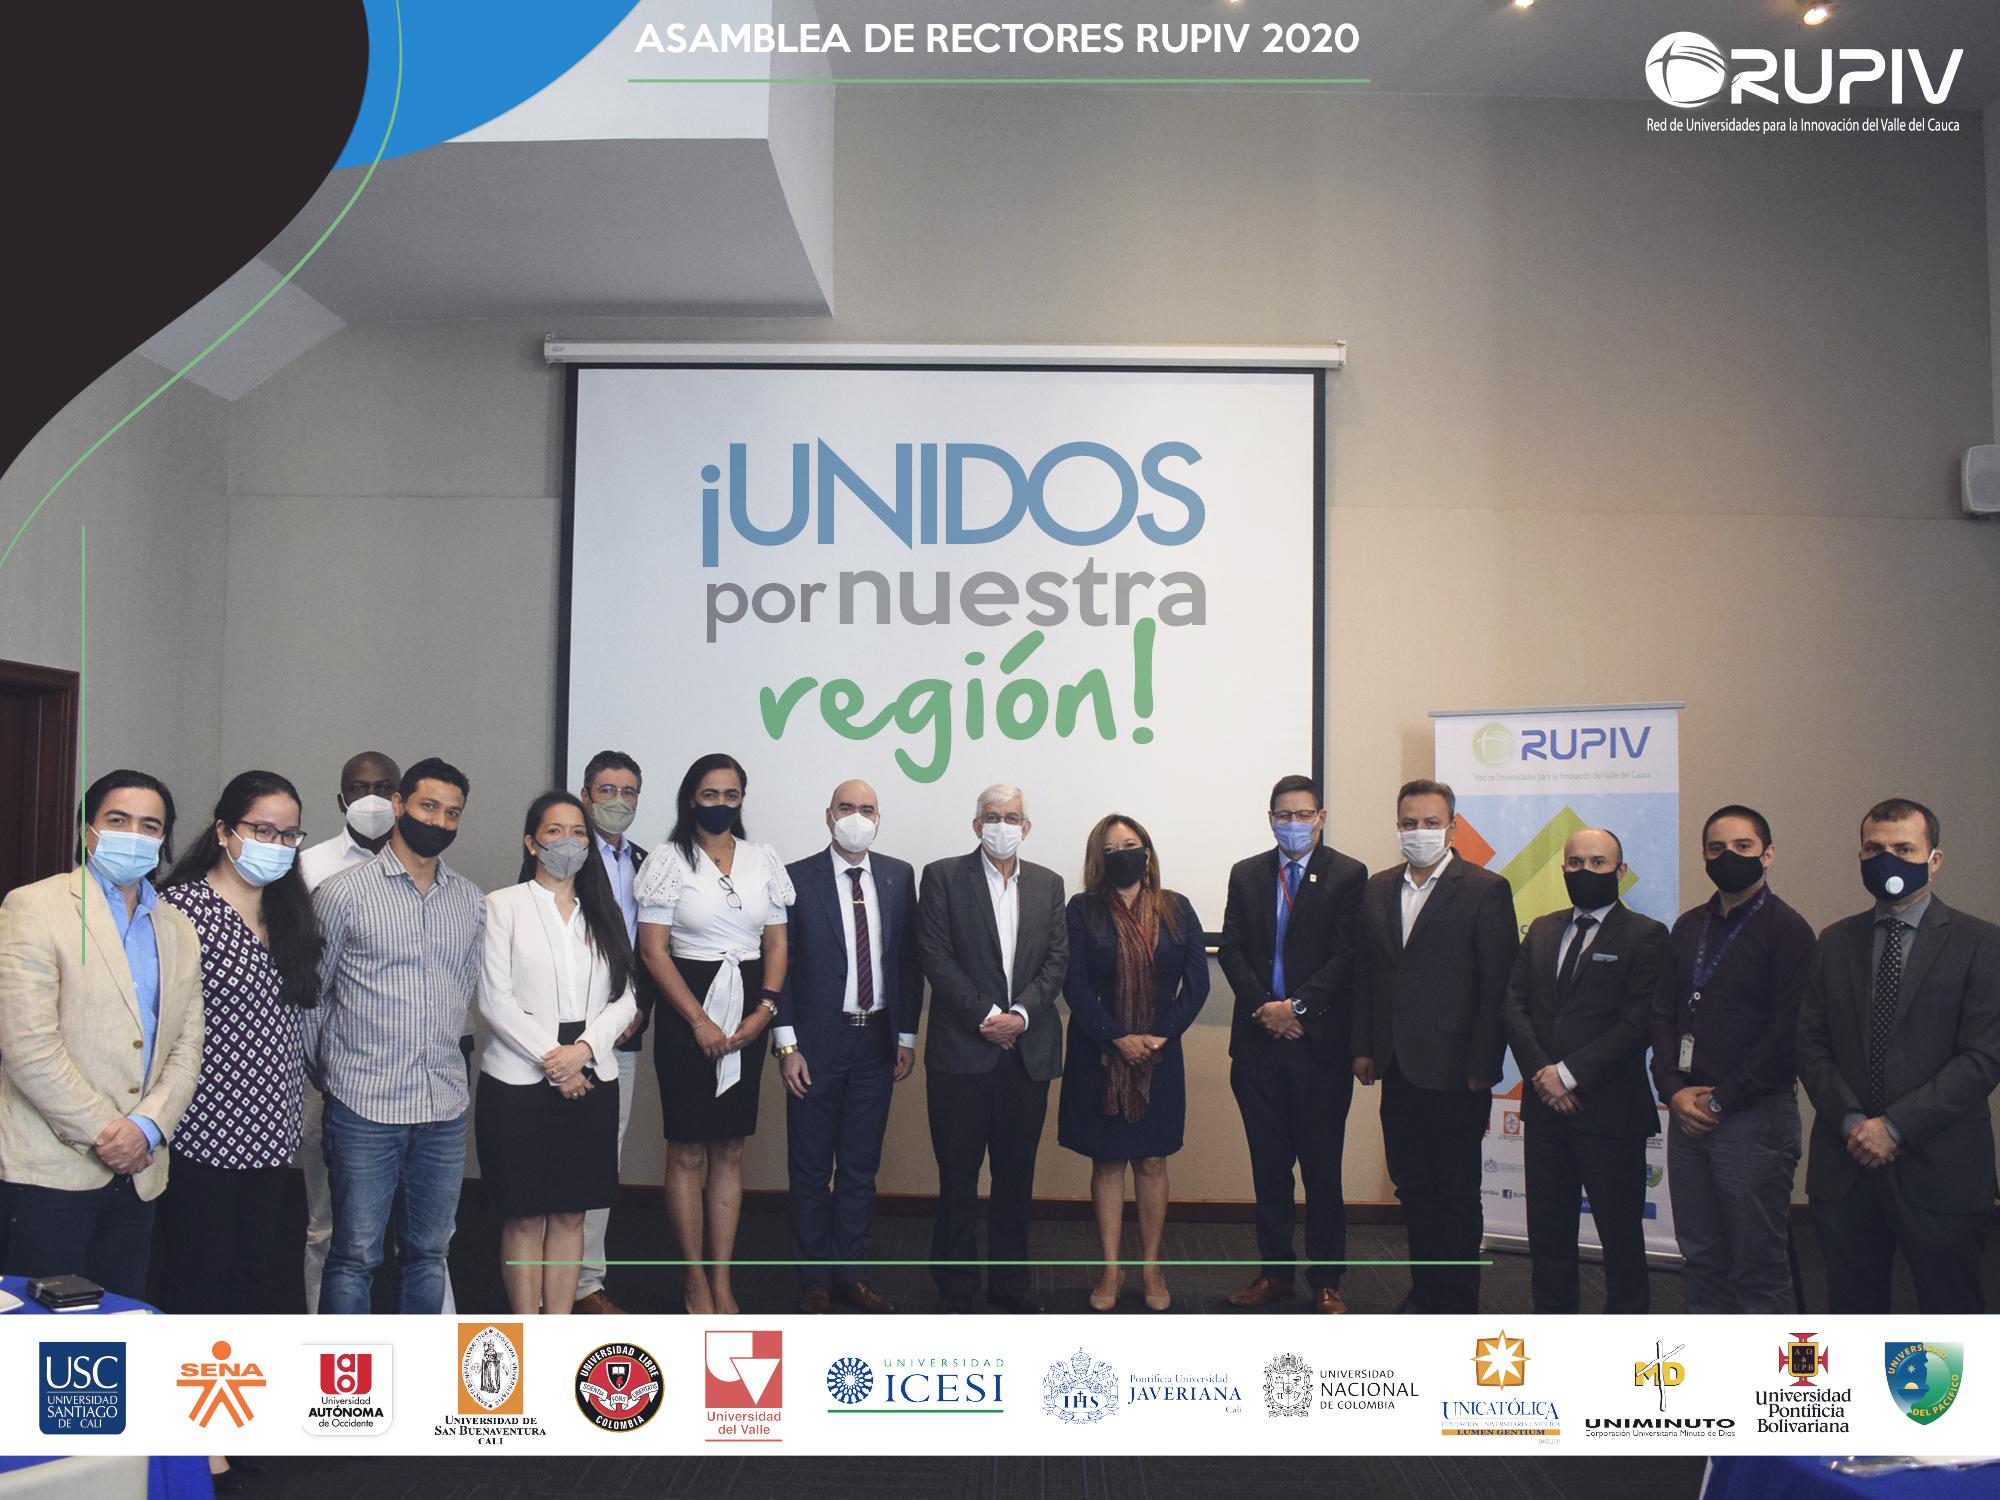 ASAMBLEA GENERAL DE RECTORES RUPIV 2020